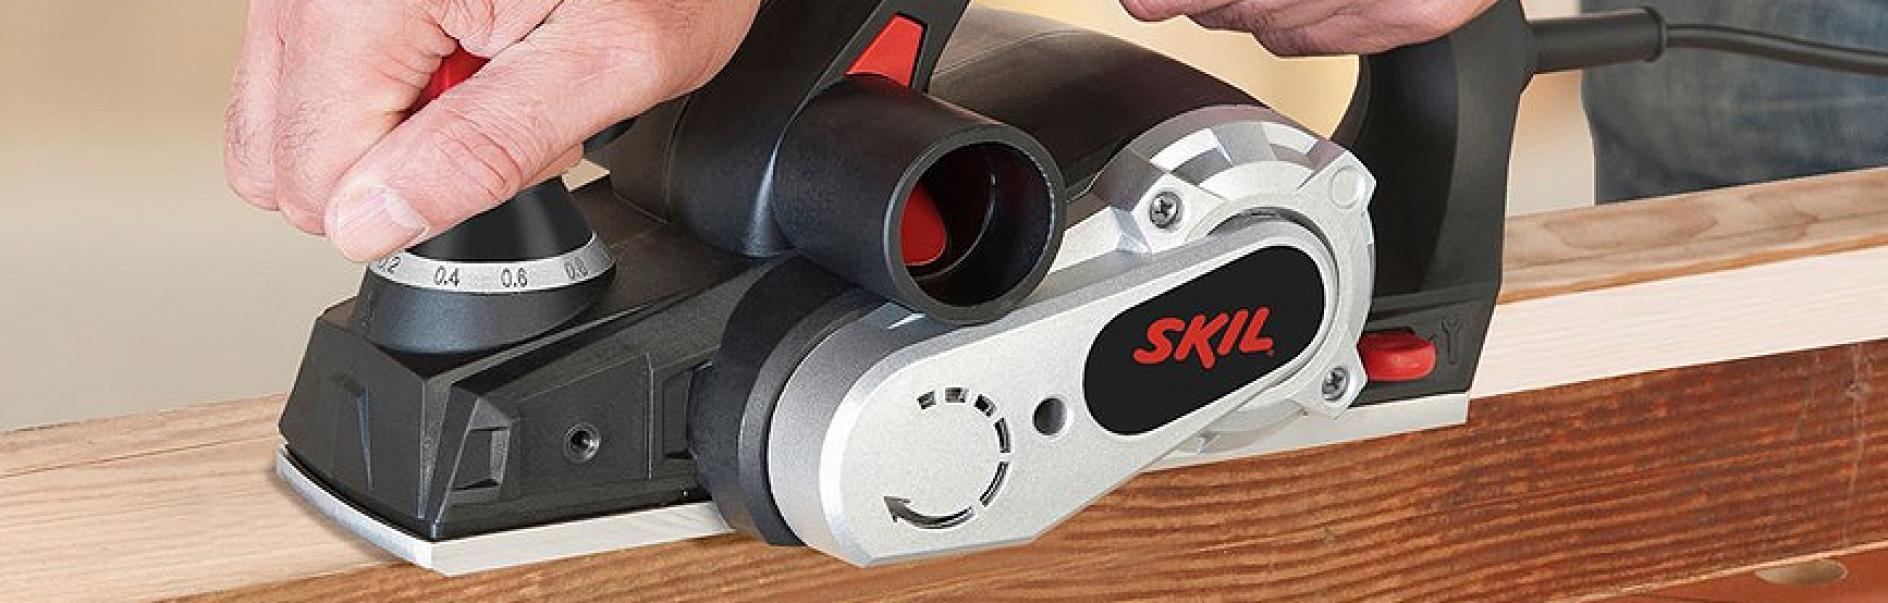 Cómo cambiar las cuchillas de un cepillo eléctrico cbc4d0d71919